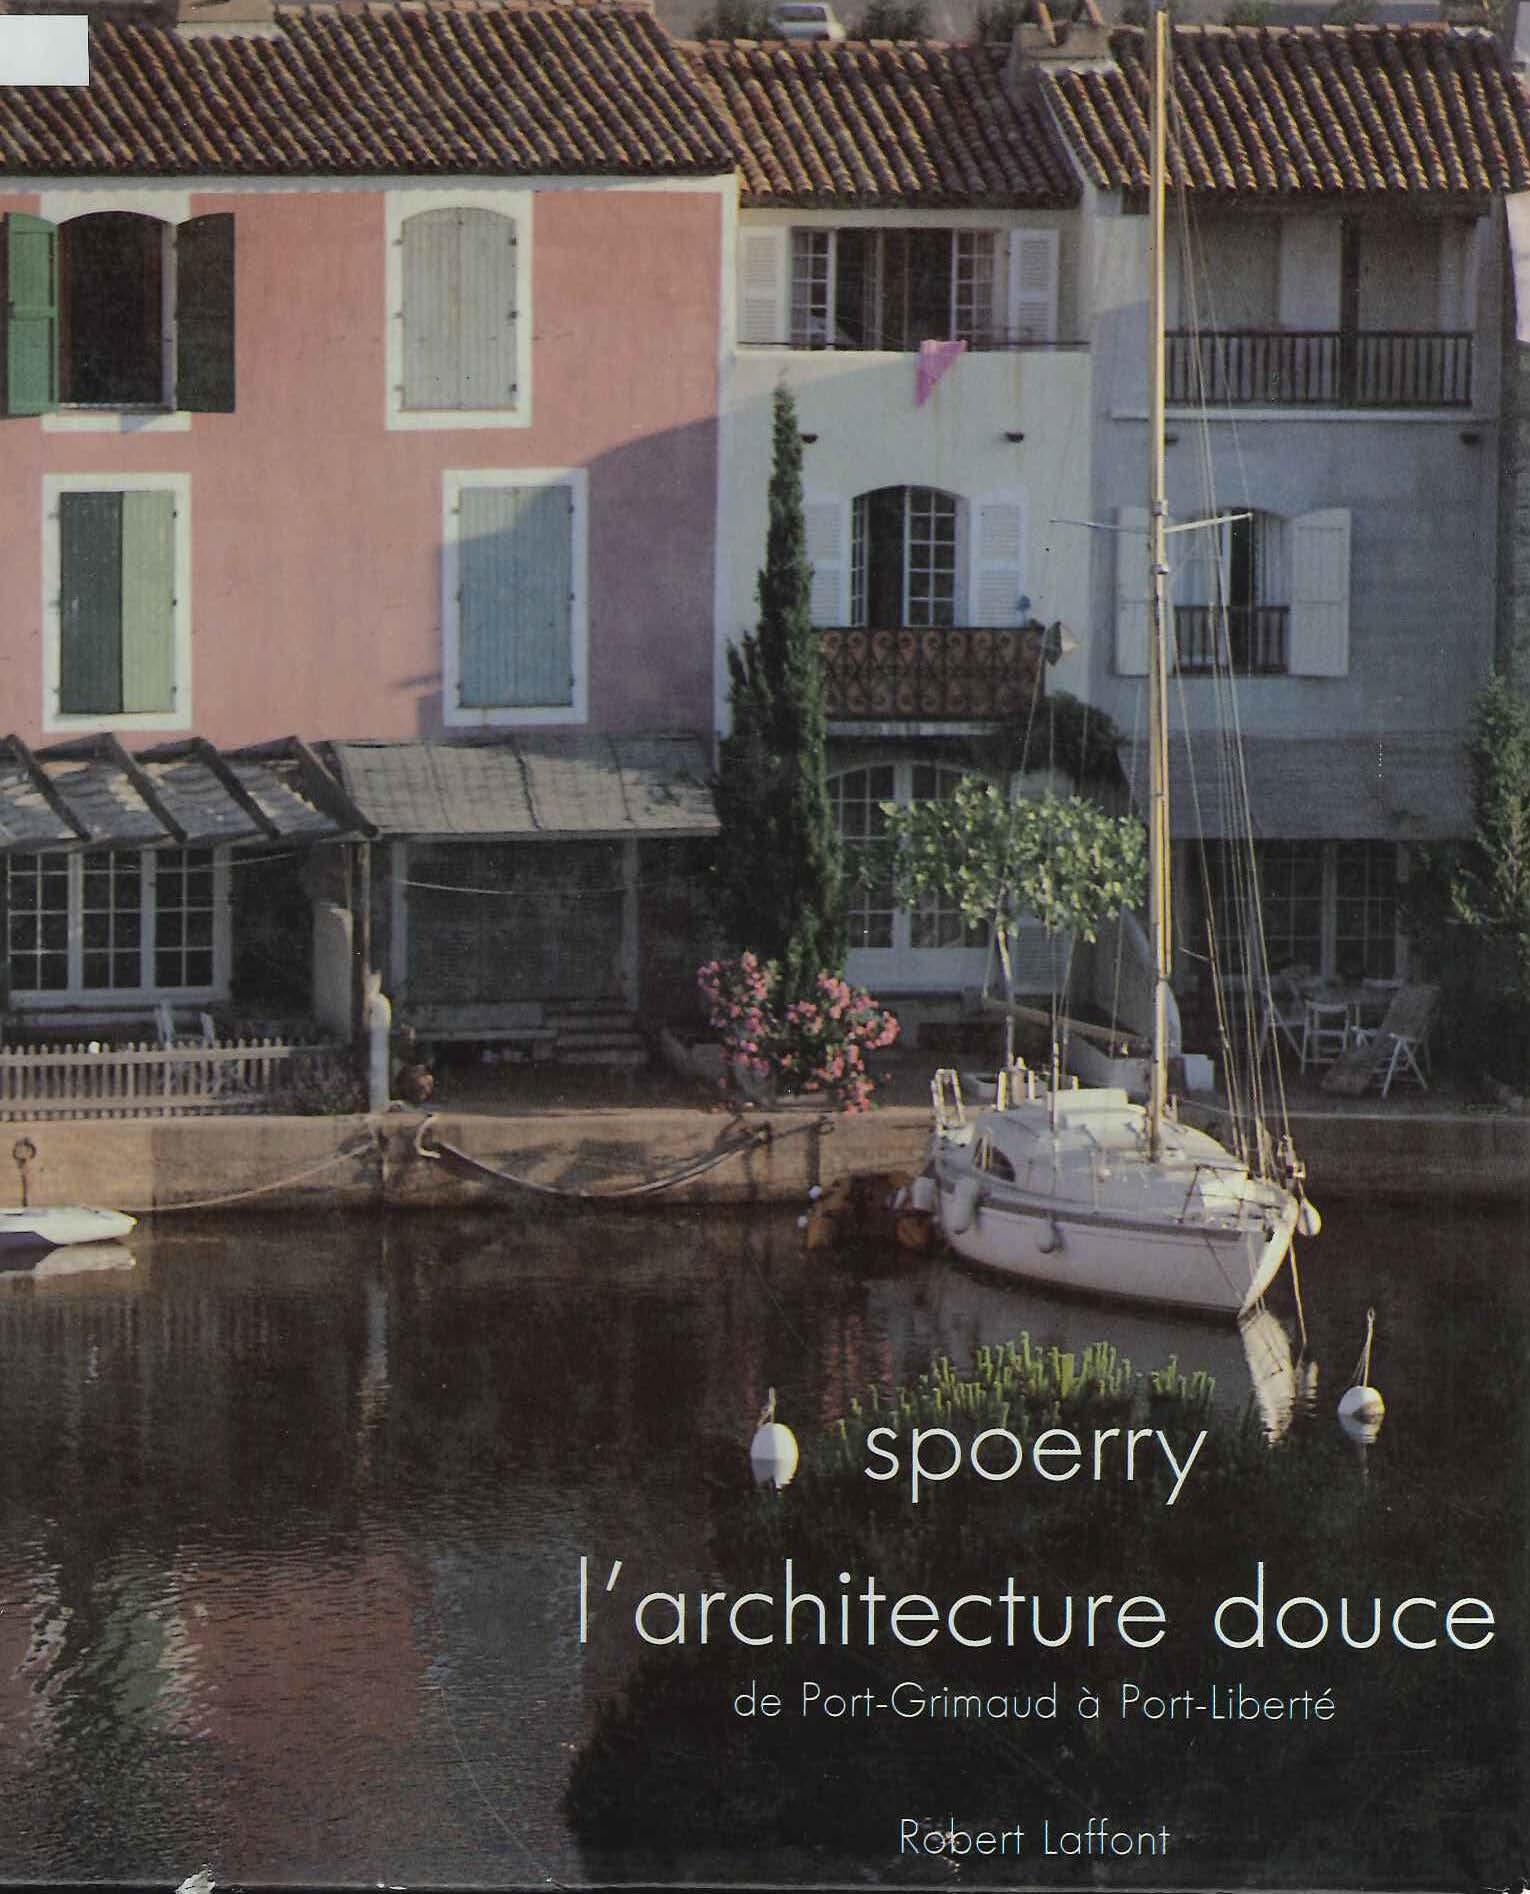 L'architecture douce